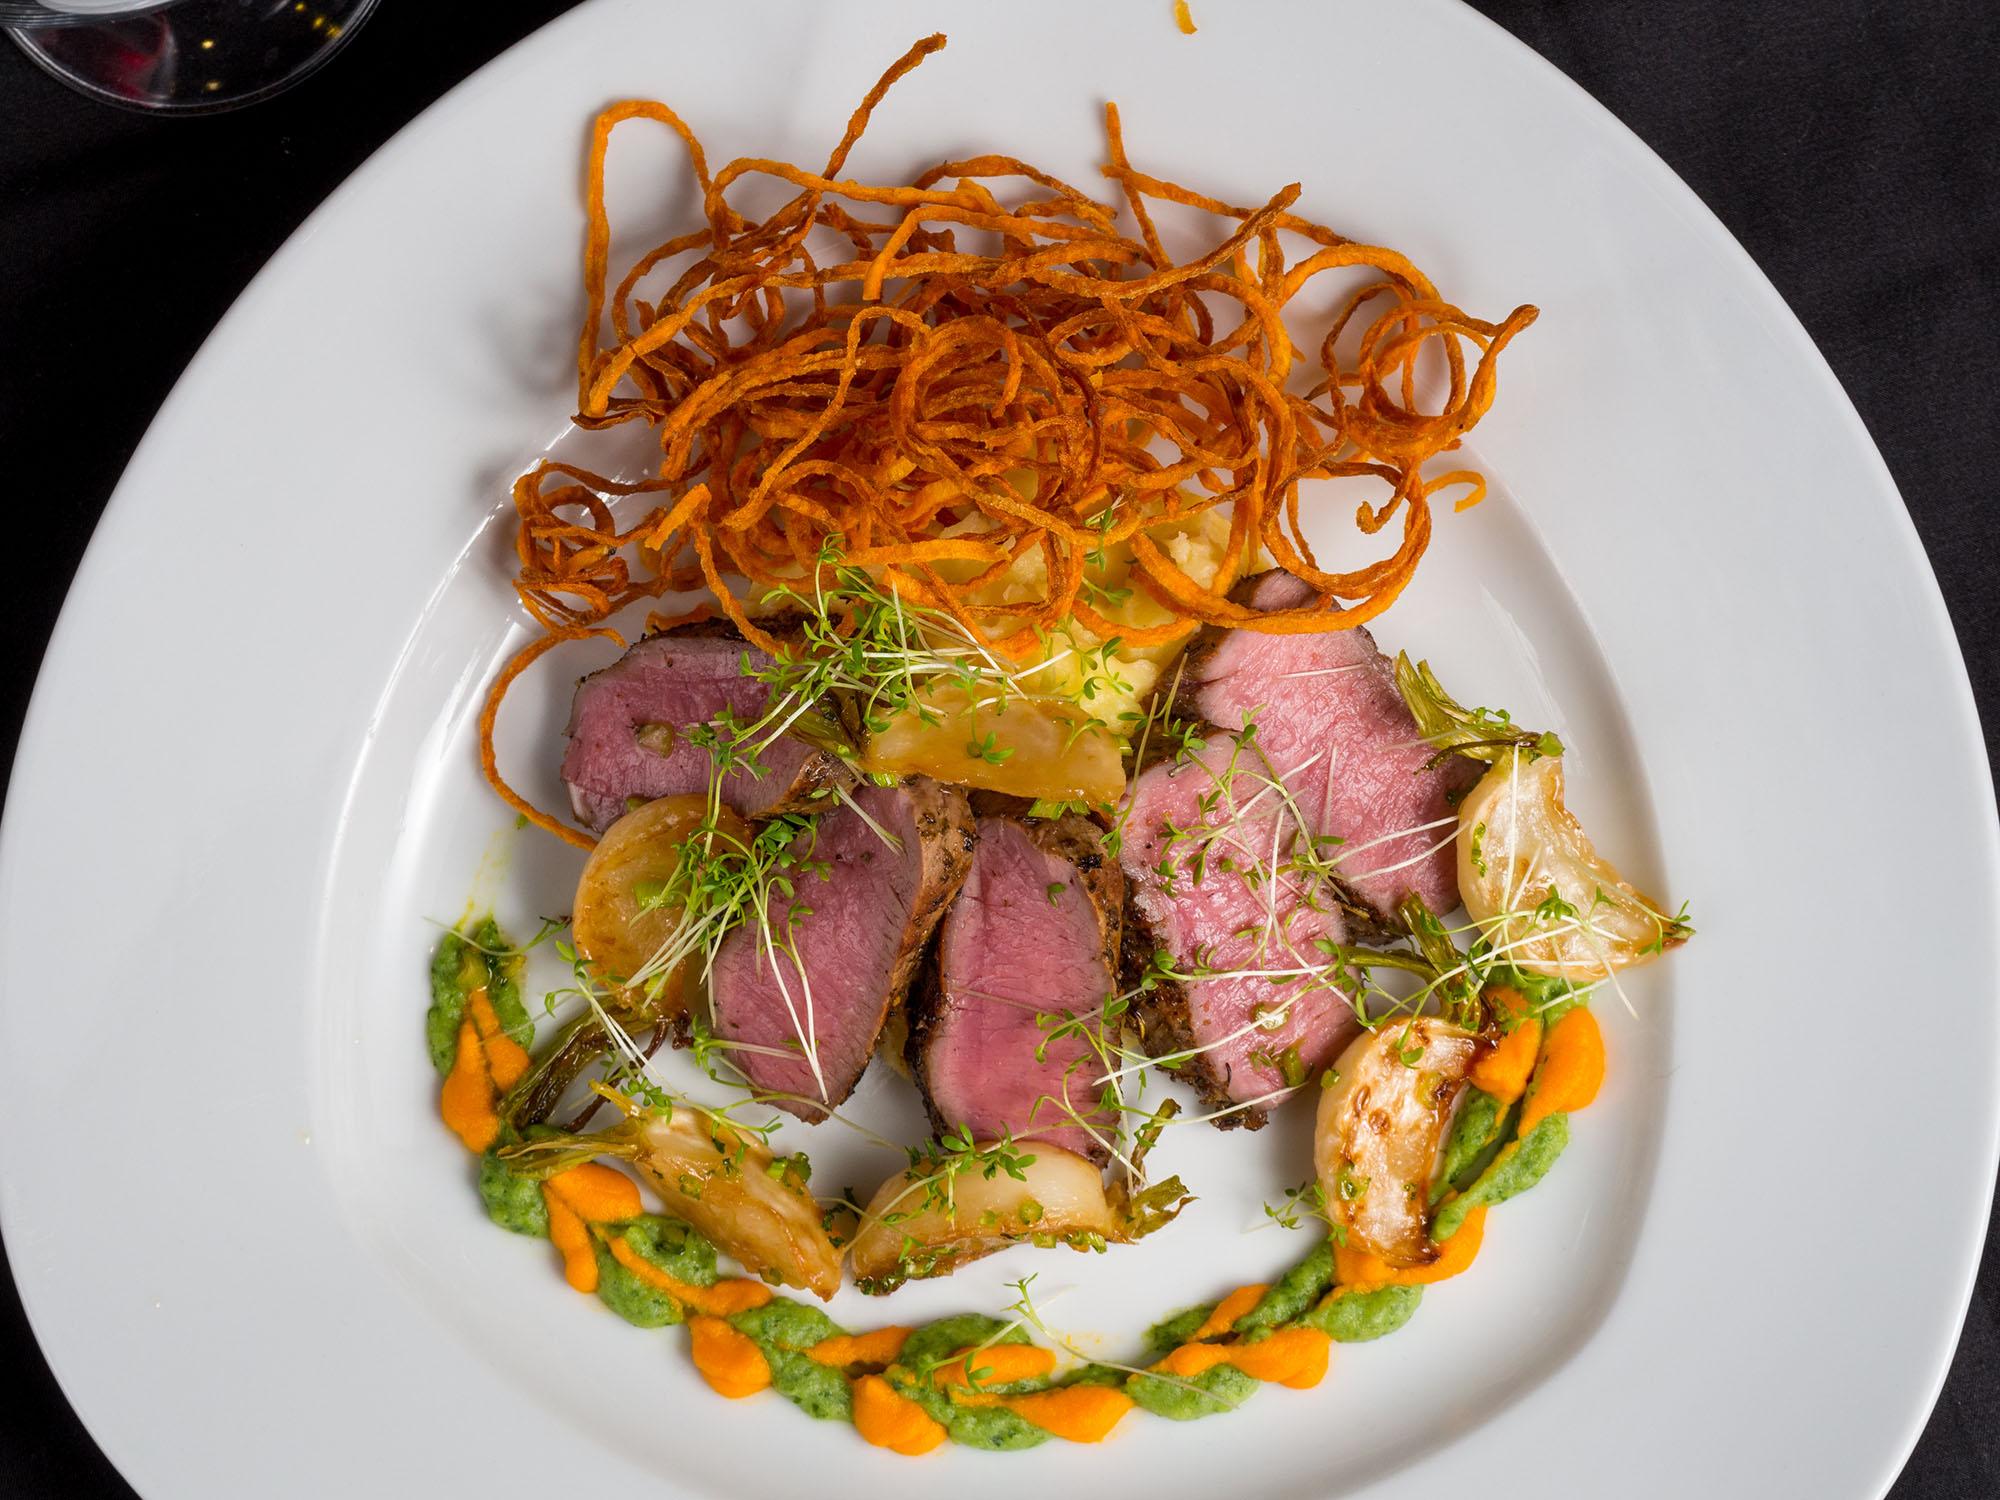 Olvahh´s gegrillte Lammlachse mit dreierlei Püree, karamellisierten Mairübchen und Süßkartoffelstroh